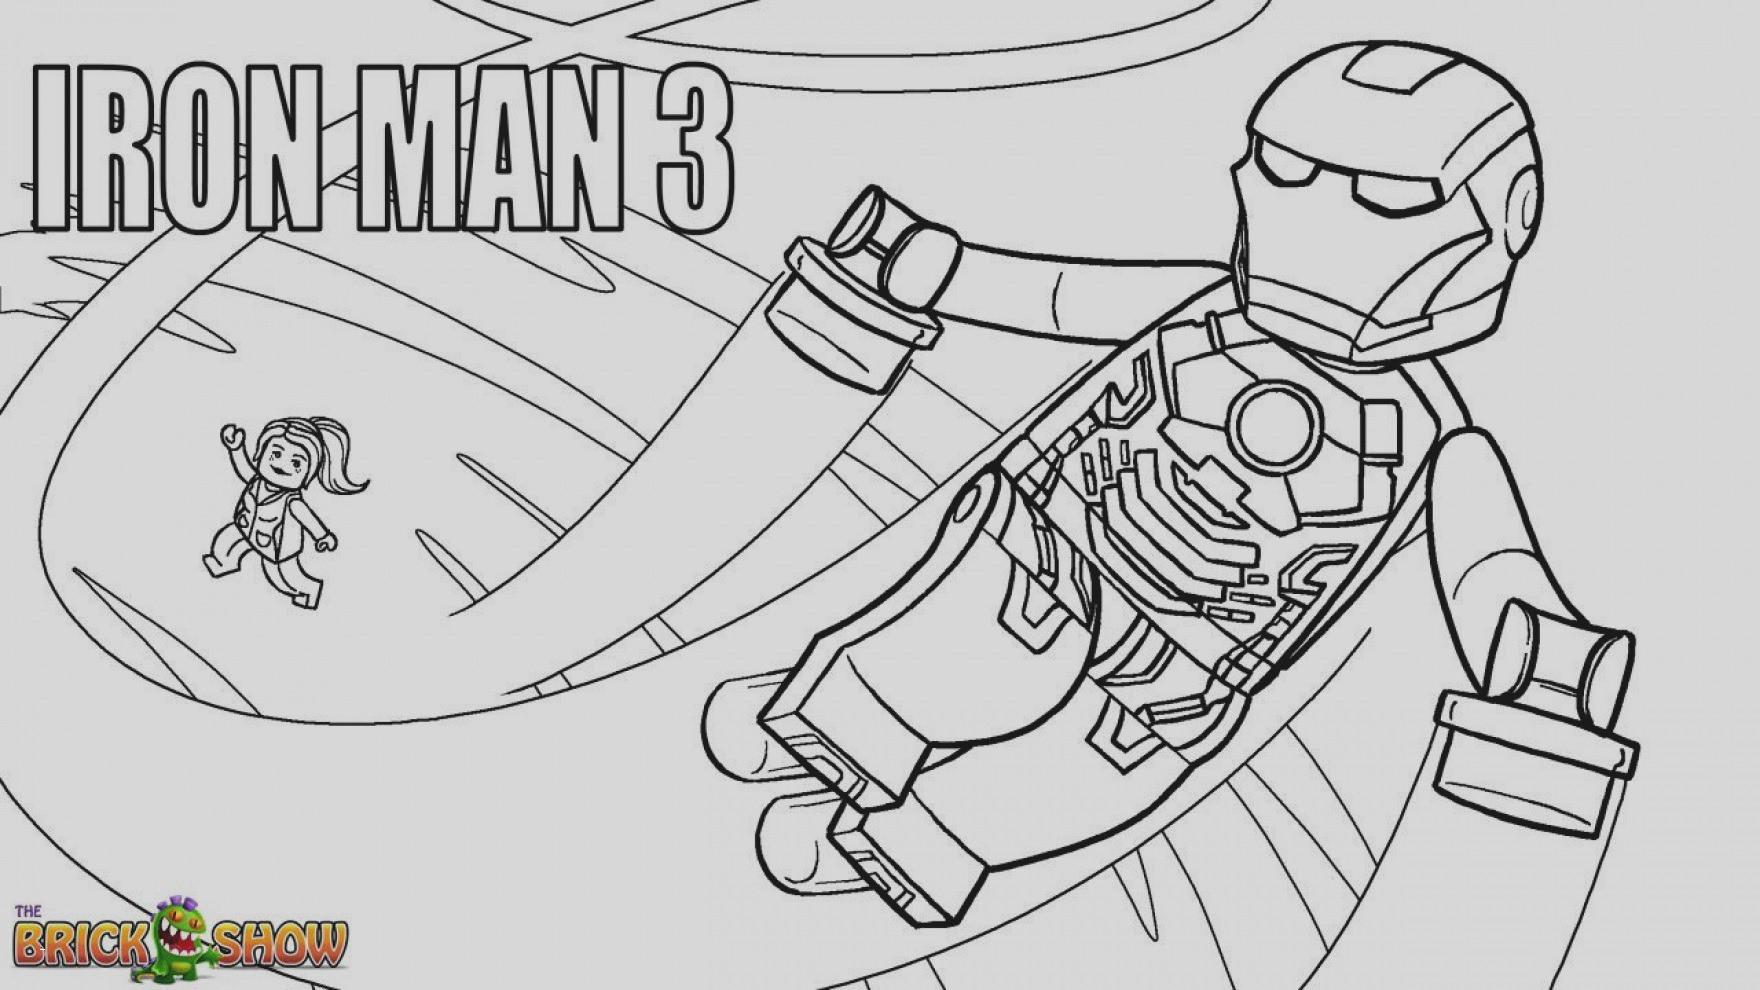 Malvorlage Drachen Herbst Inspirierend Spiderman Malvorlagen Neu Spiderman Ausmalbilder Zum Ausdrucken Galerie